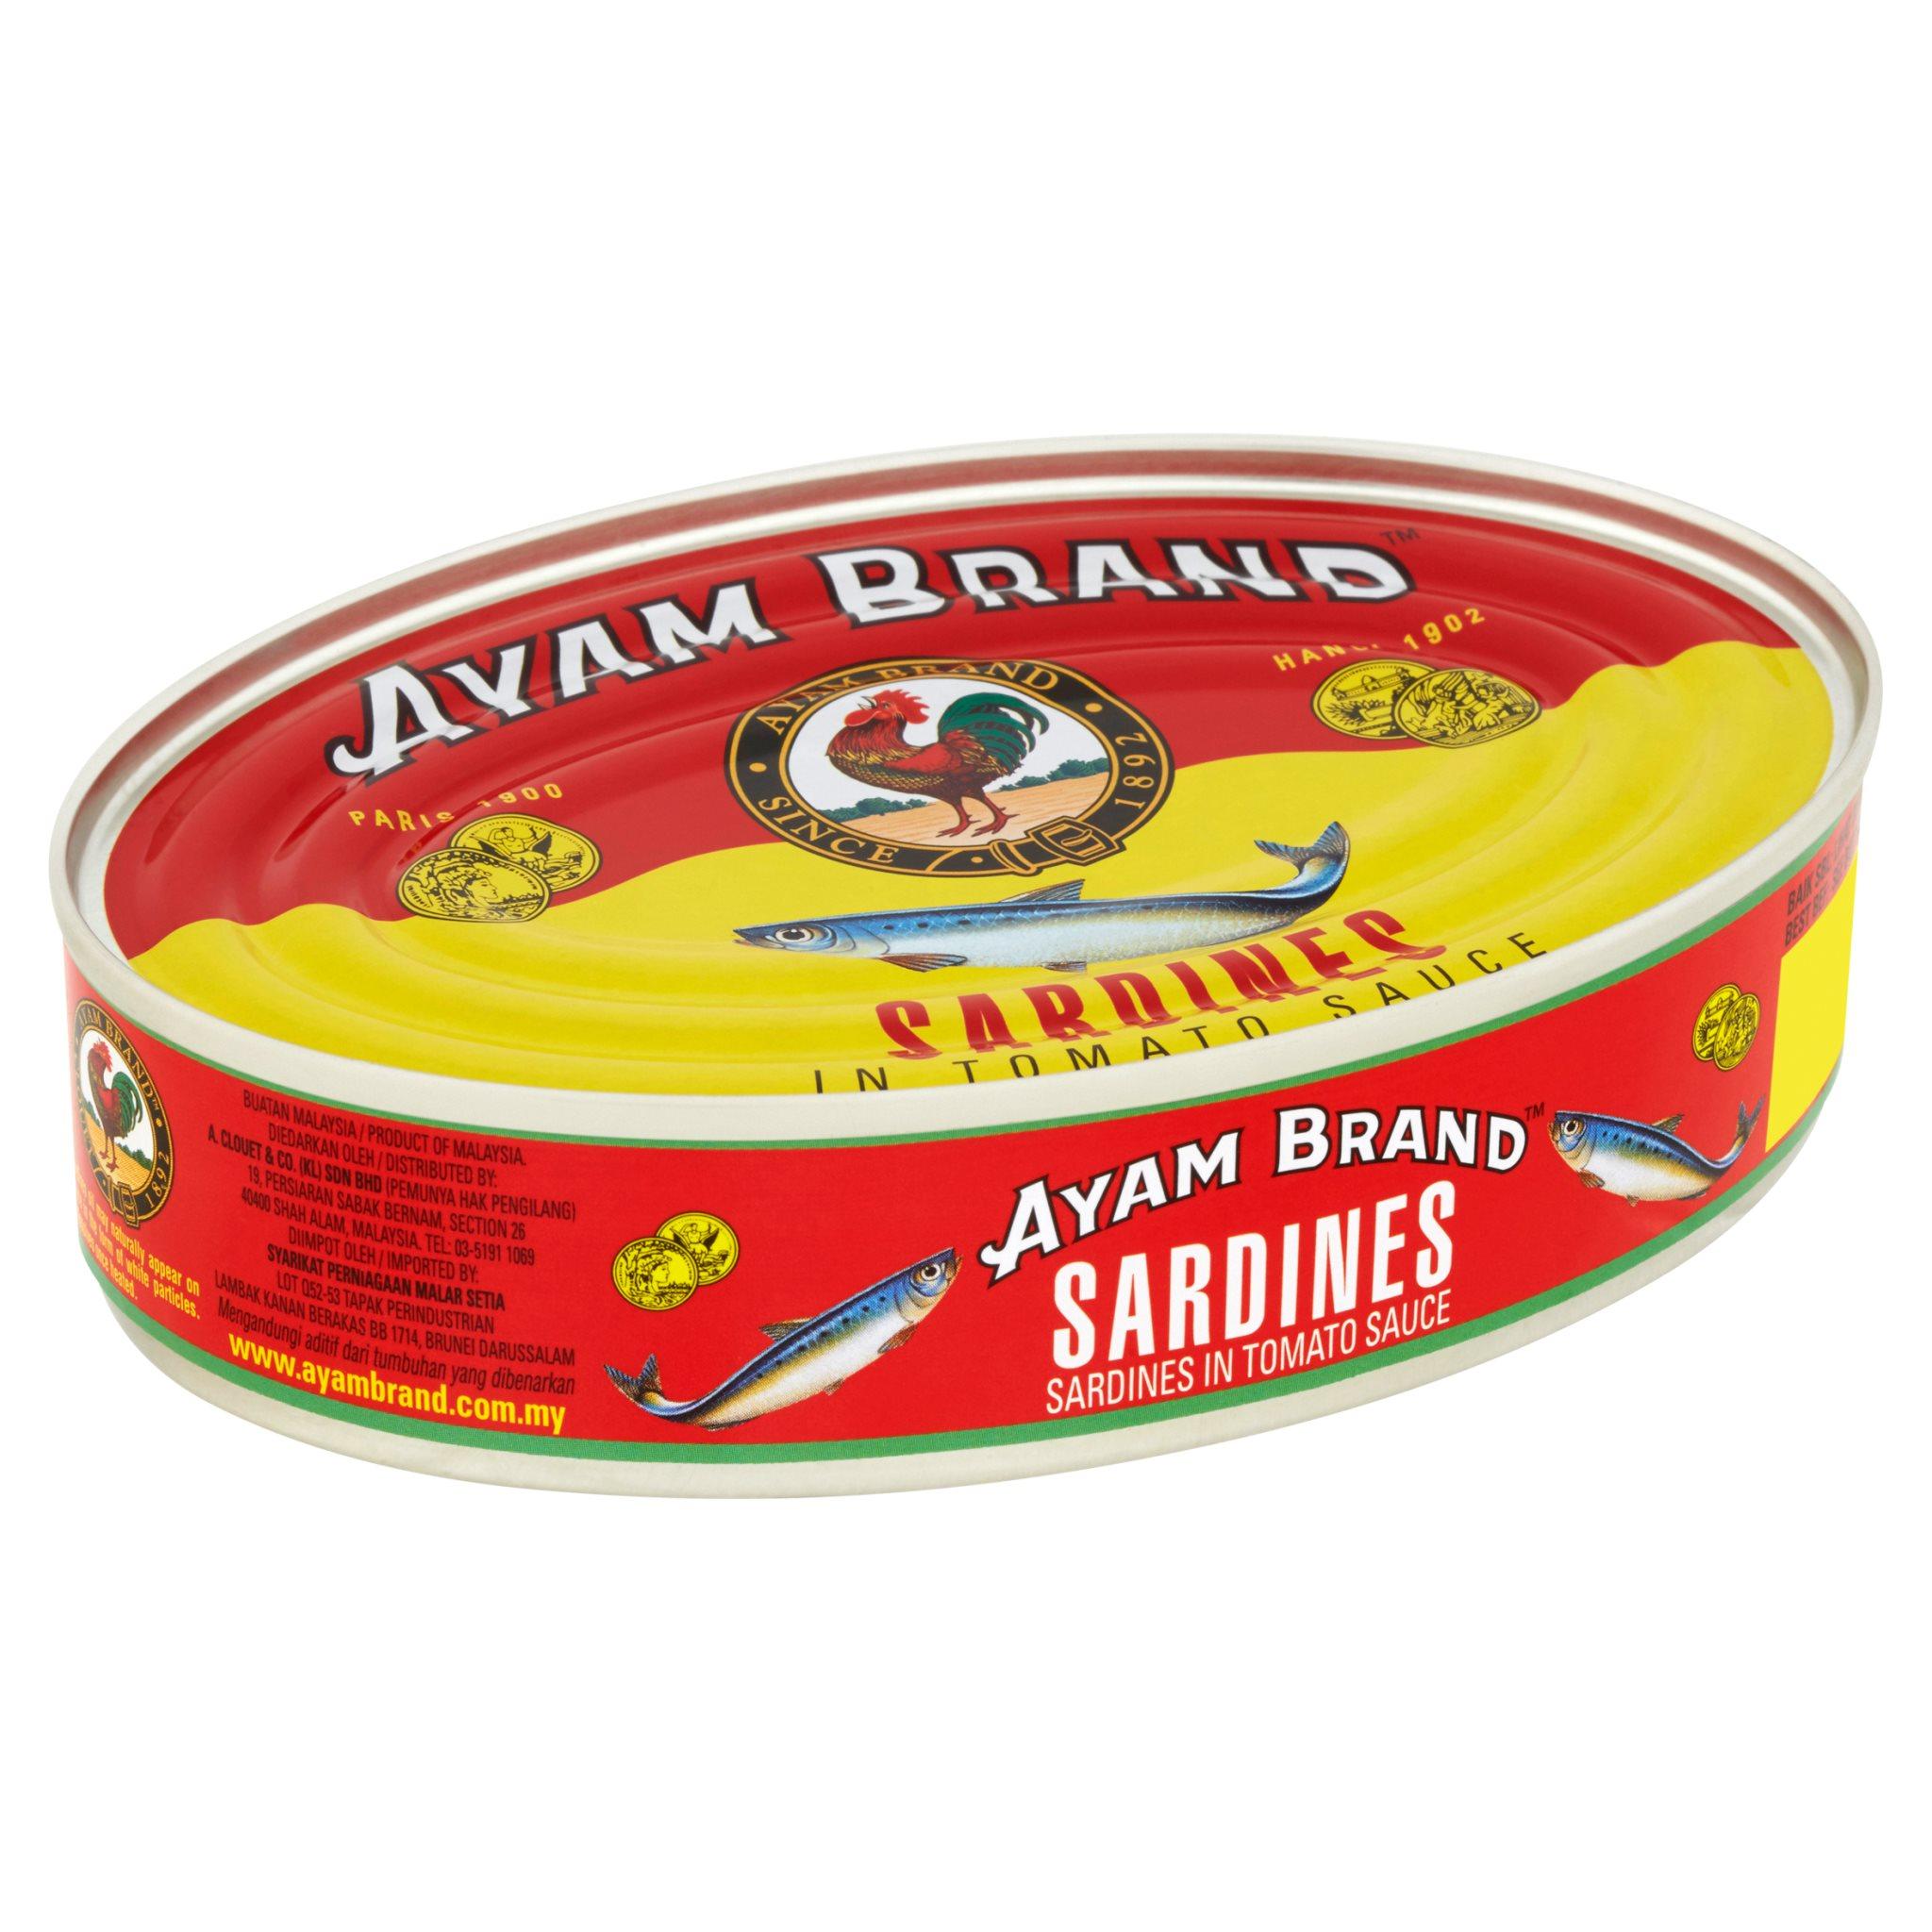 Ayam Brand Sardines in Tomato Sauce 215g